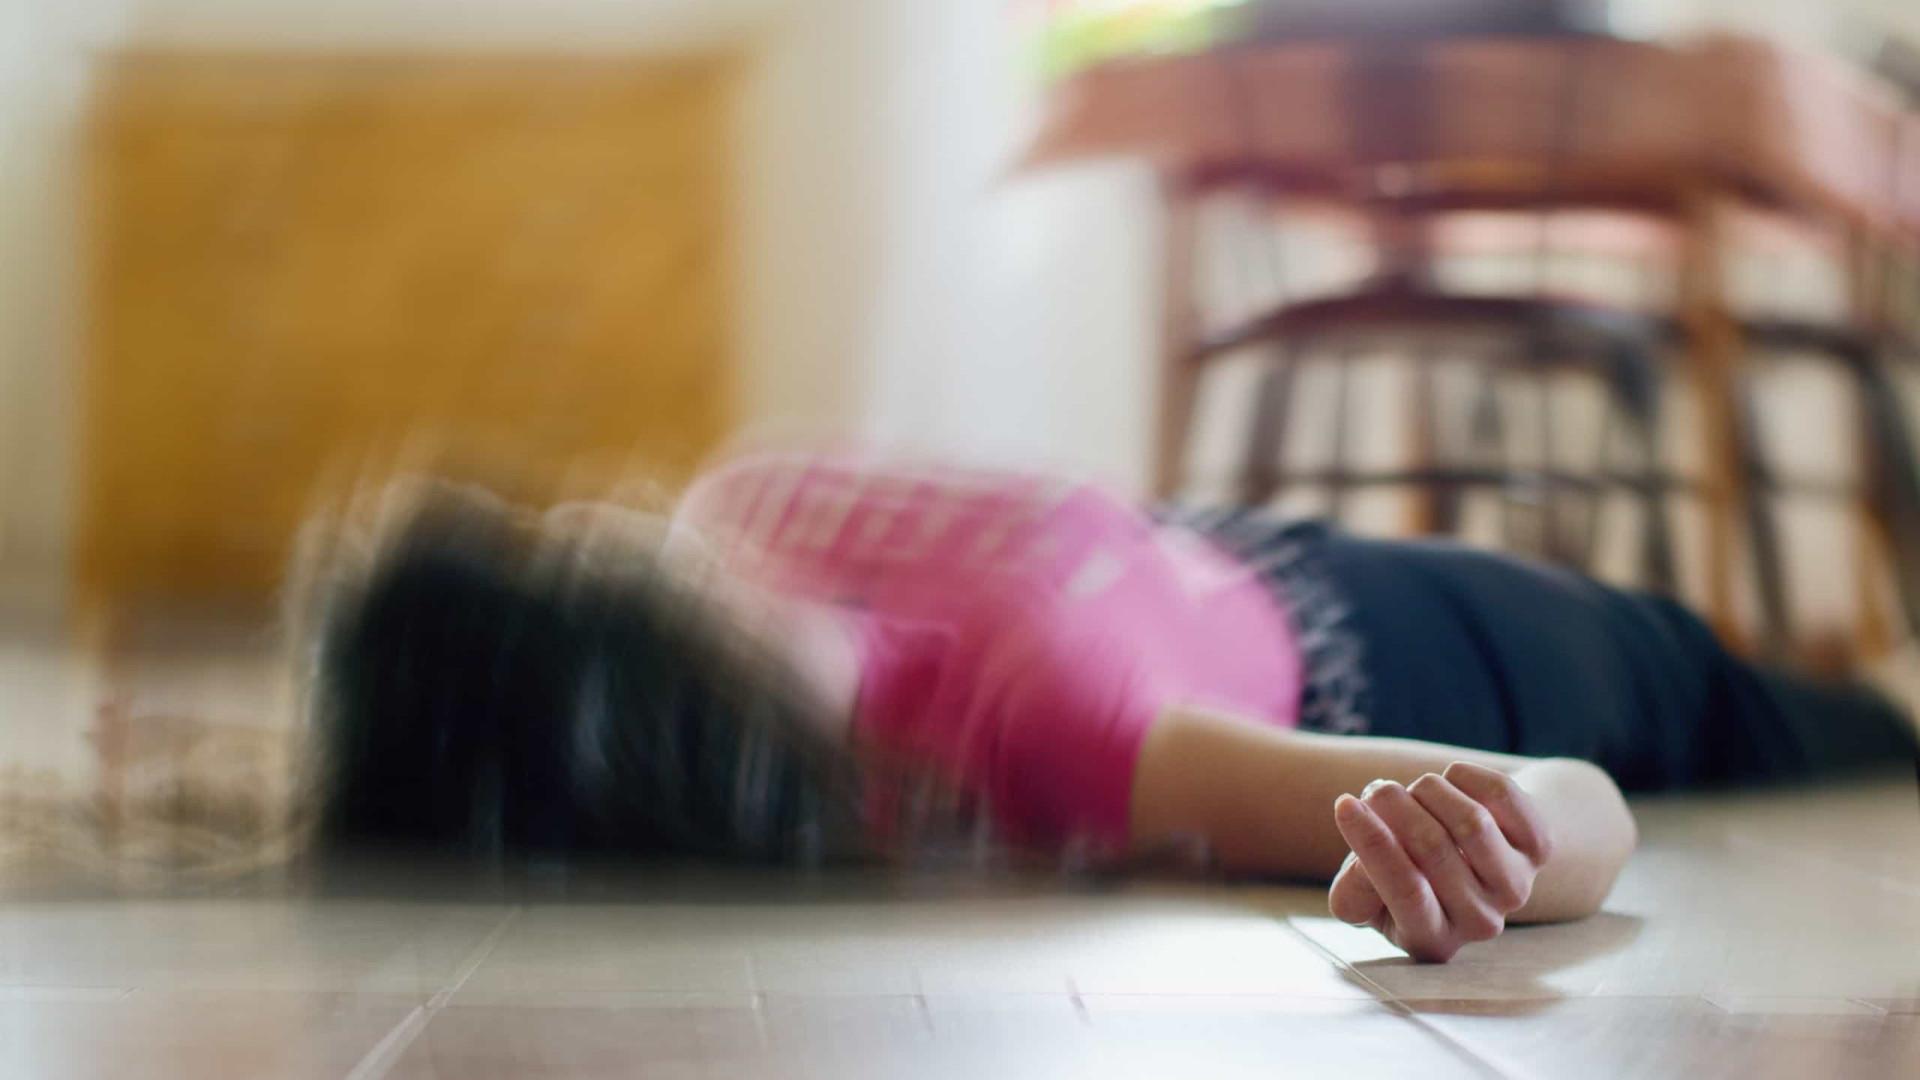 Ter uma convulsão pode matar? Entenda quais são os riscos